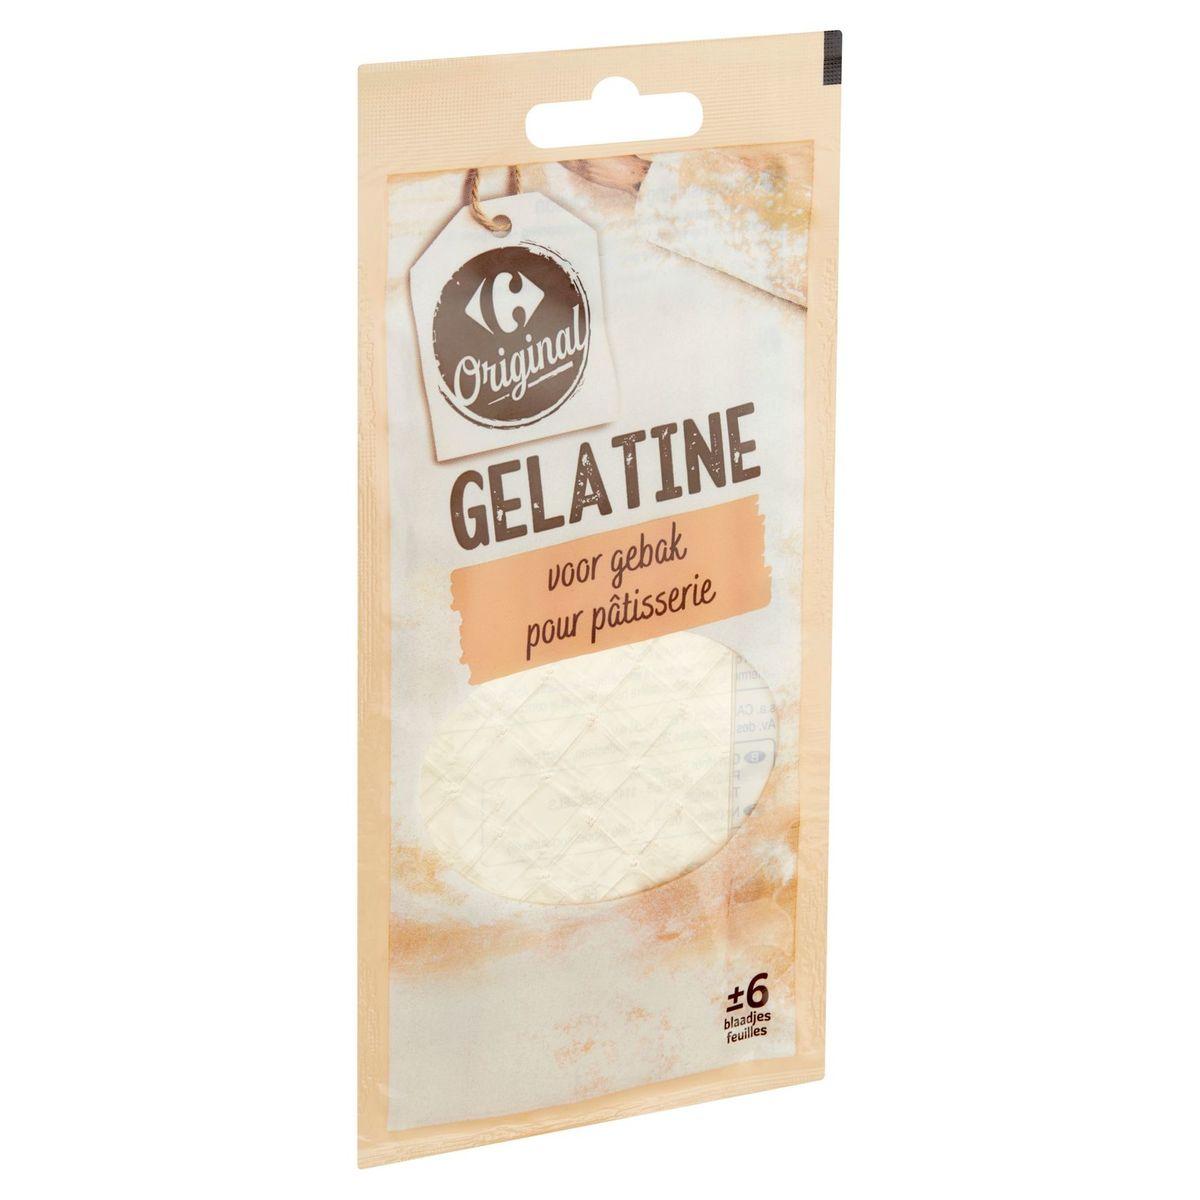 Carrefour Gelatine Blaadjes voor Gebak 12 g